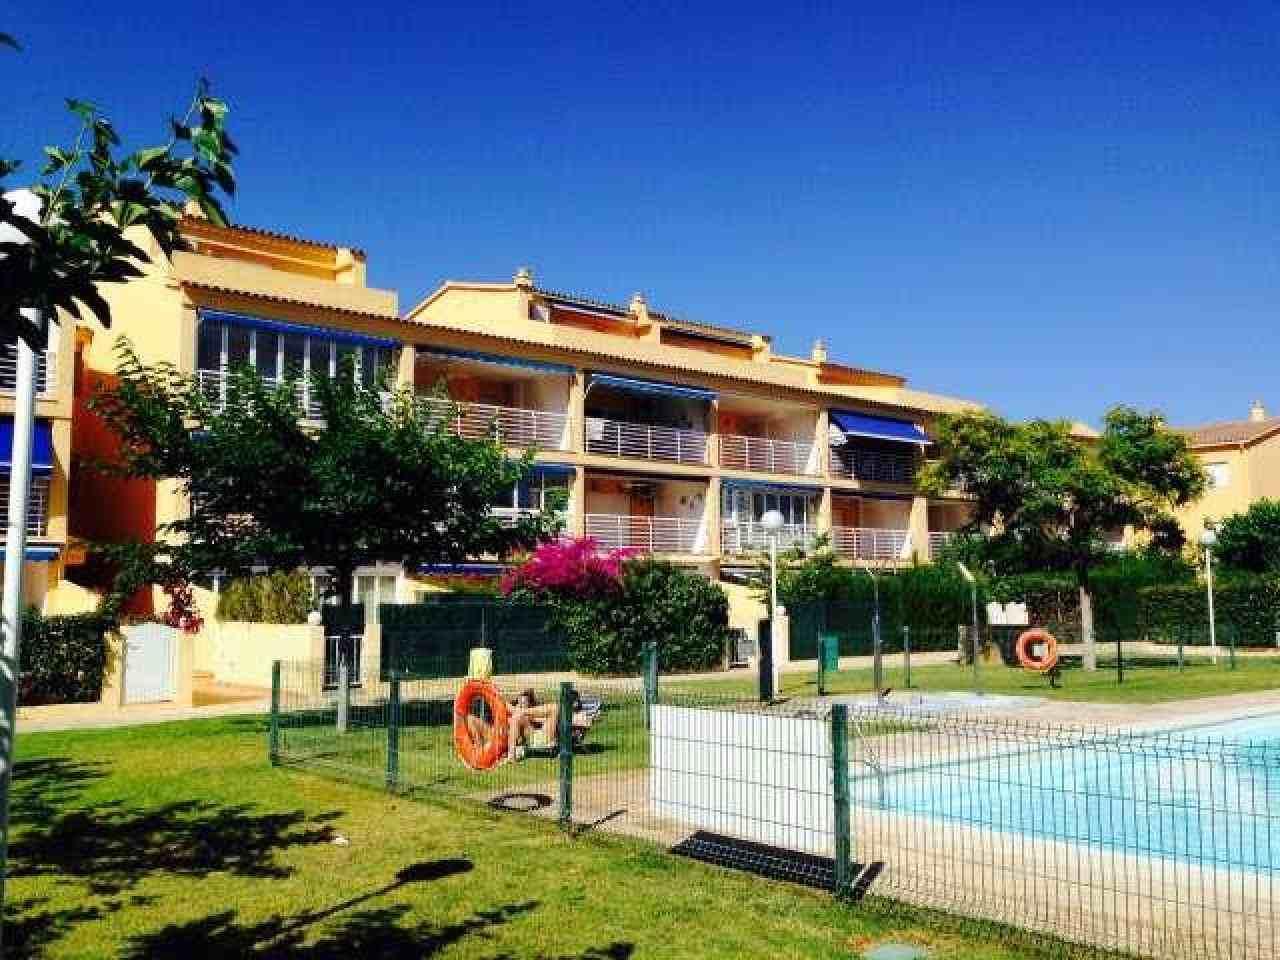 Alquiler vacaciones en Orpesa, Castellón